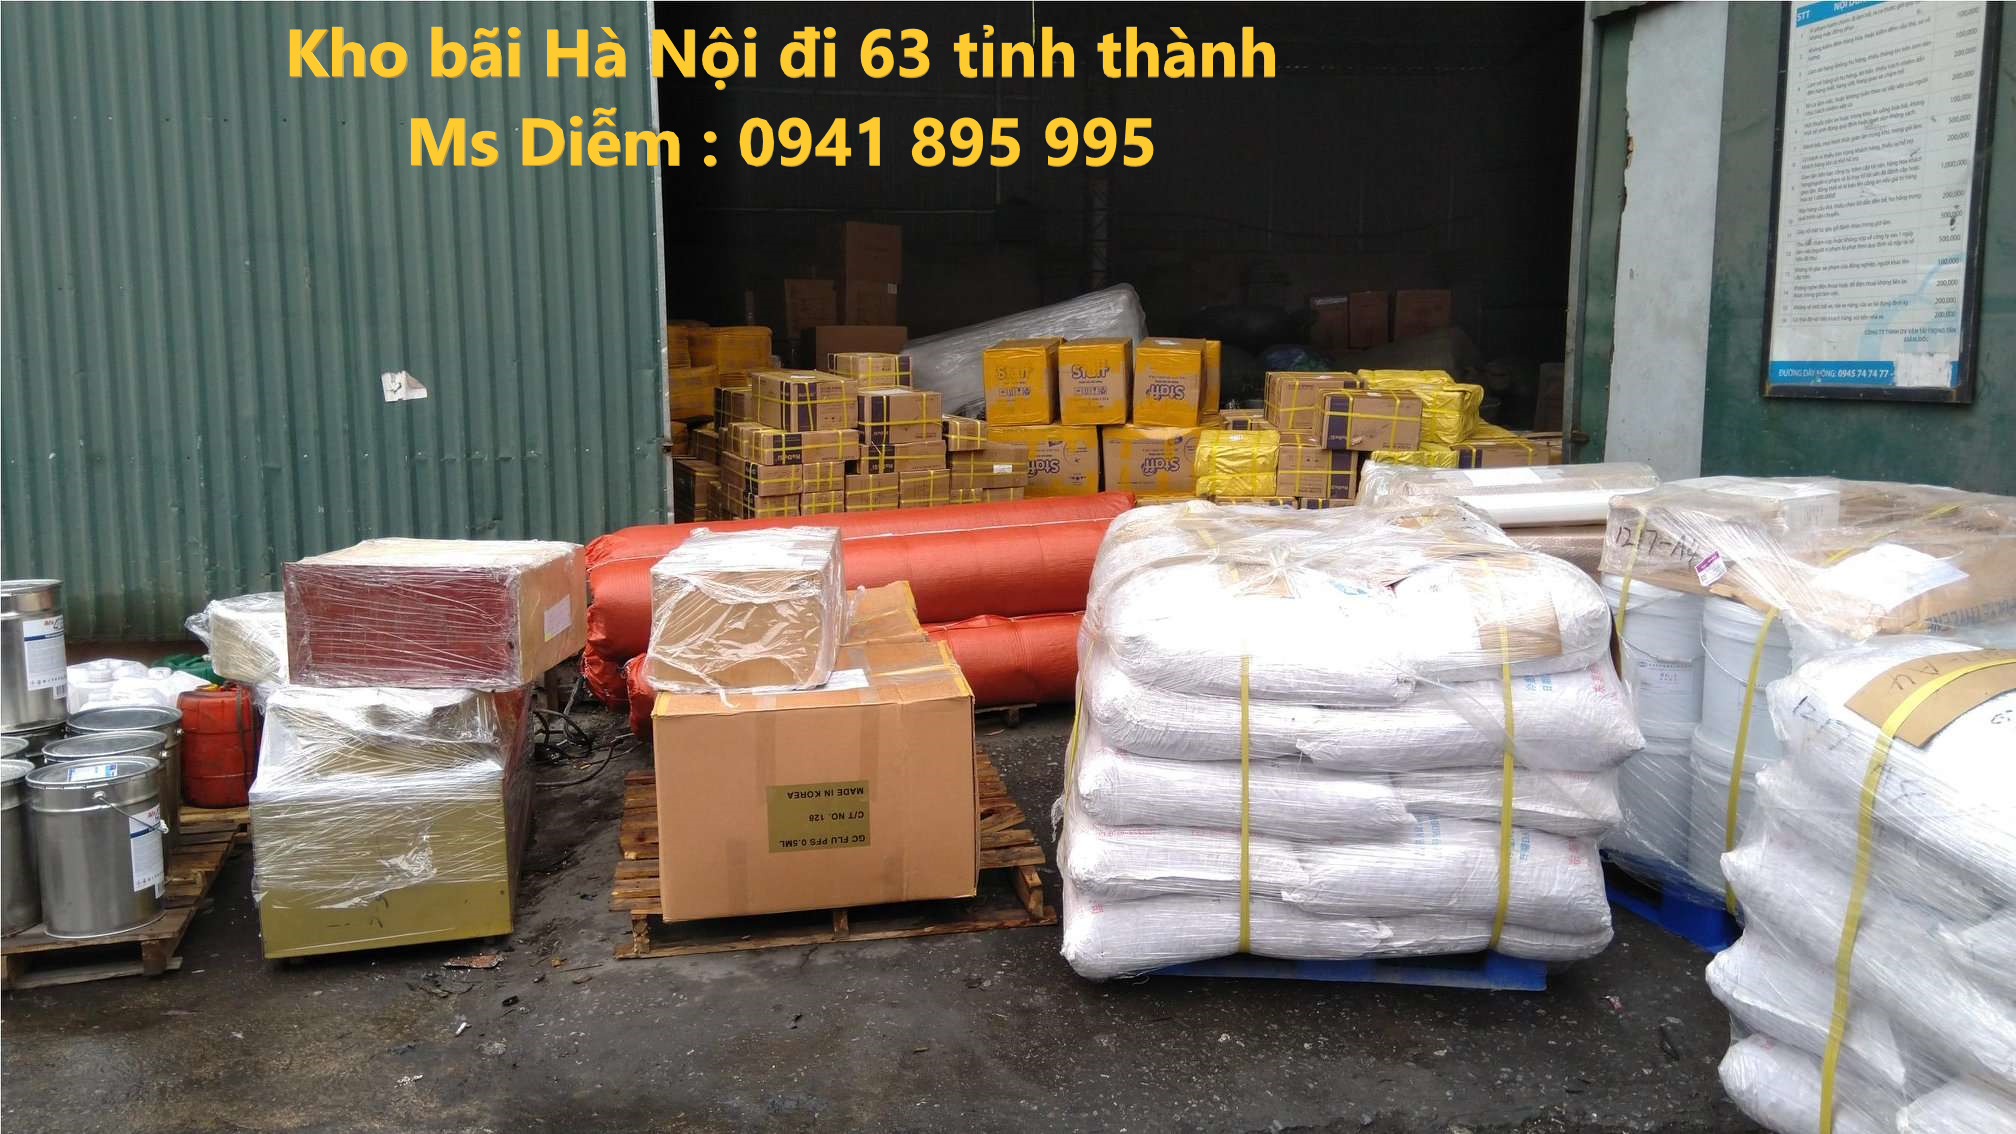 vận chuyển hàng đi Bình Thuận